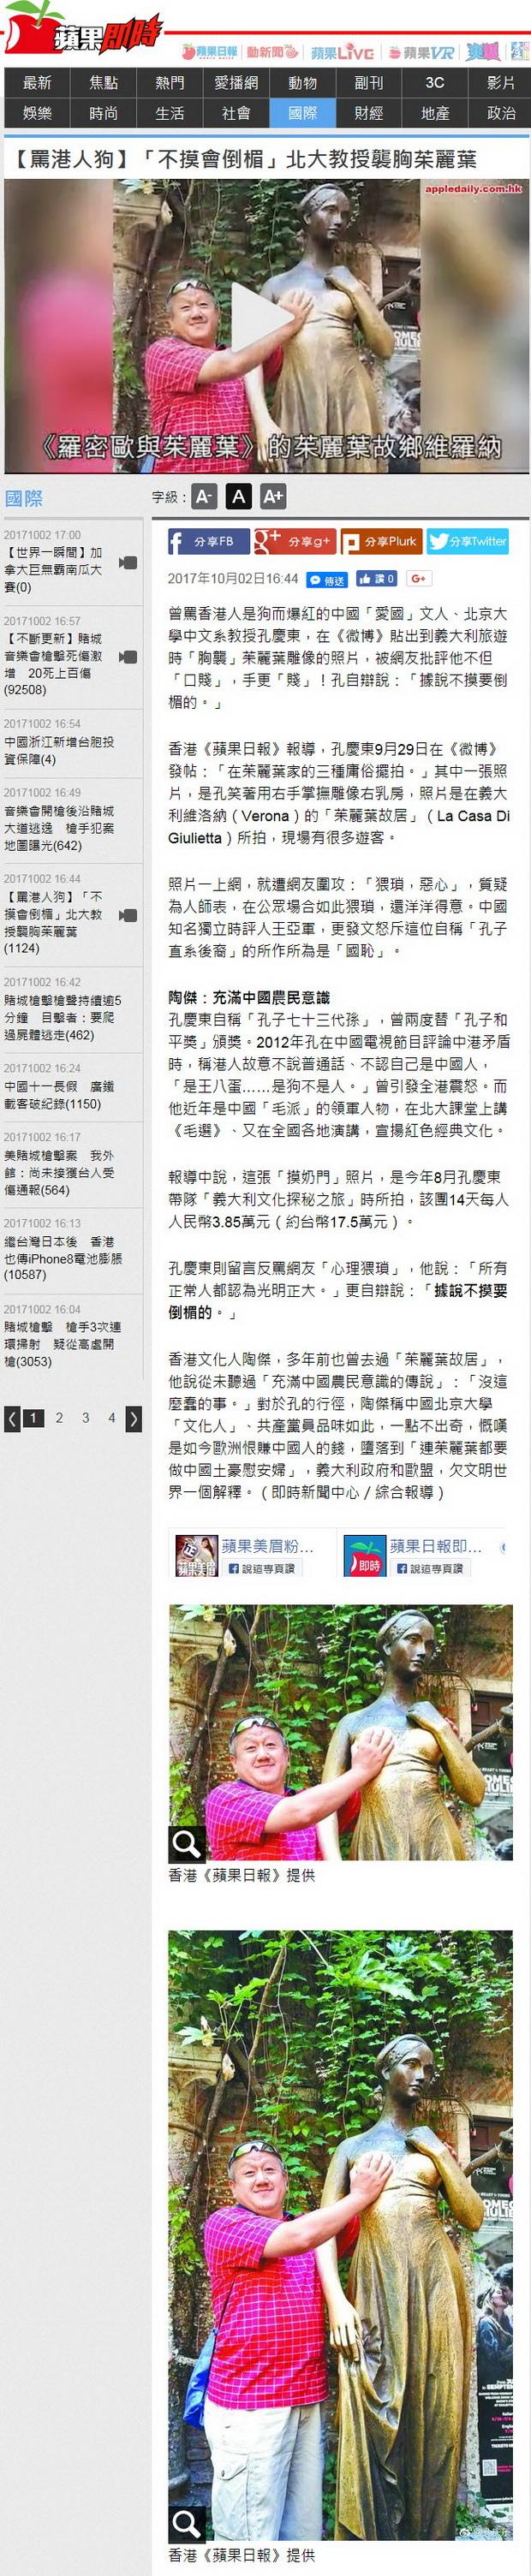 【罵港人狗】「不摸會倒楣」北大教授襲胸茱麗葉-2017.10.02.jpg